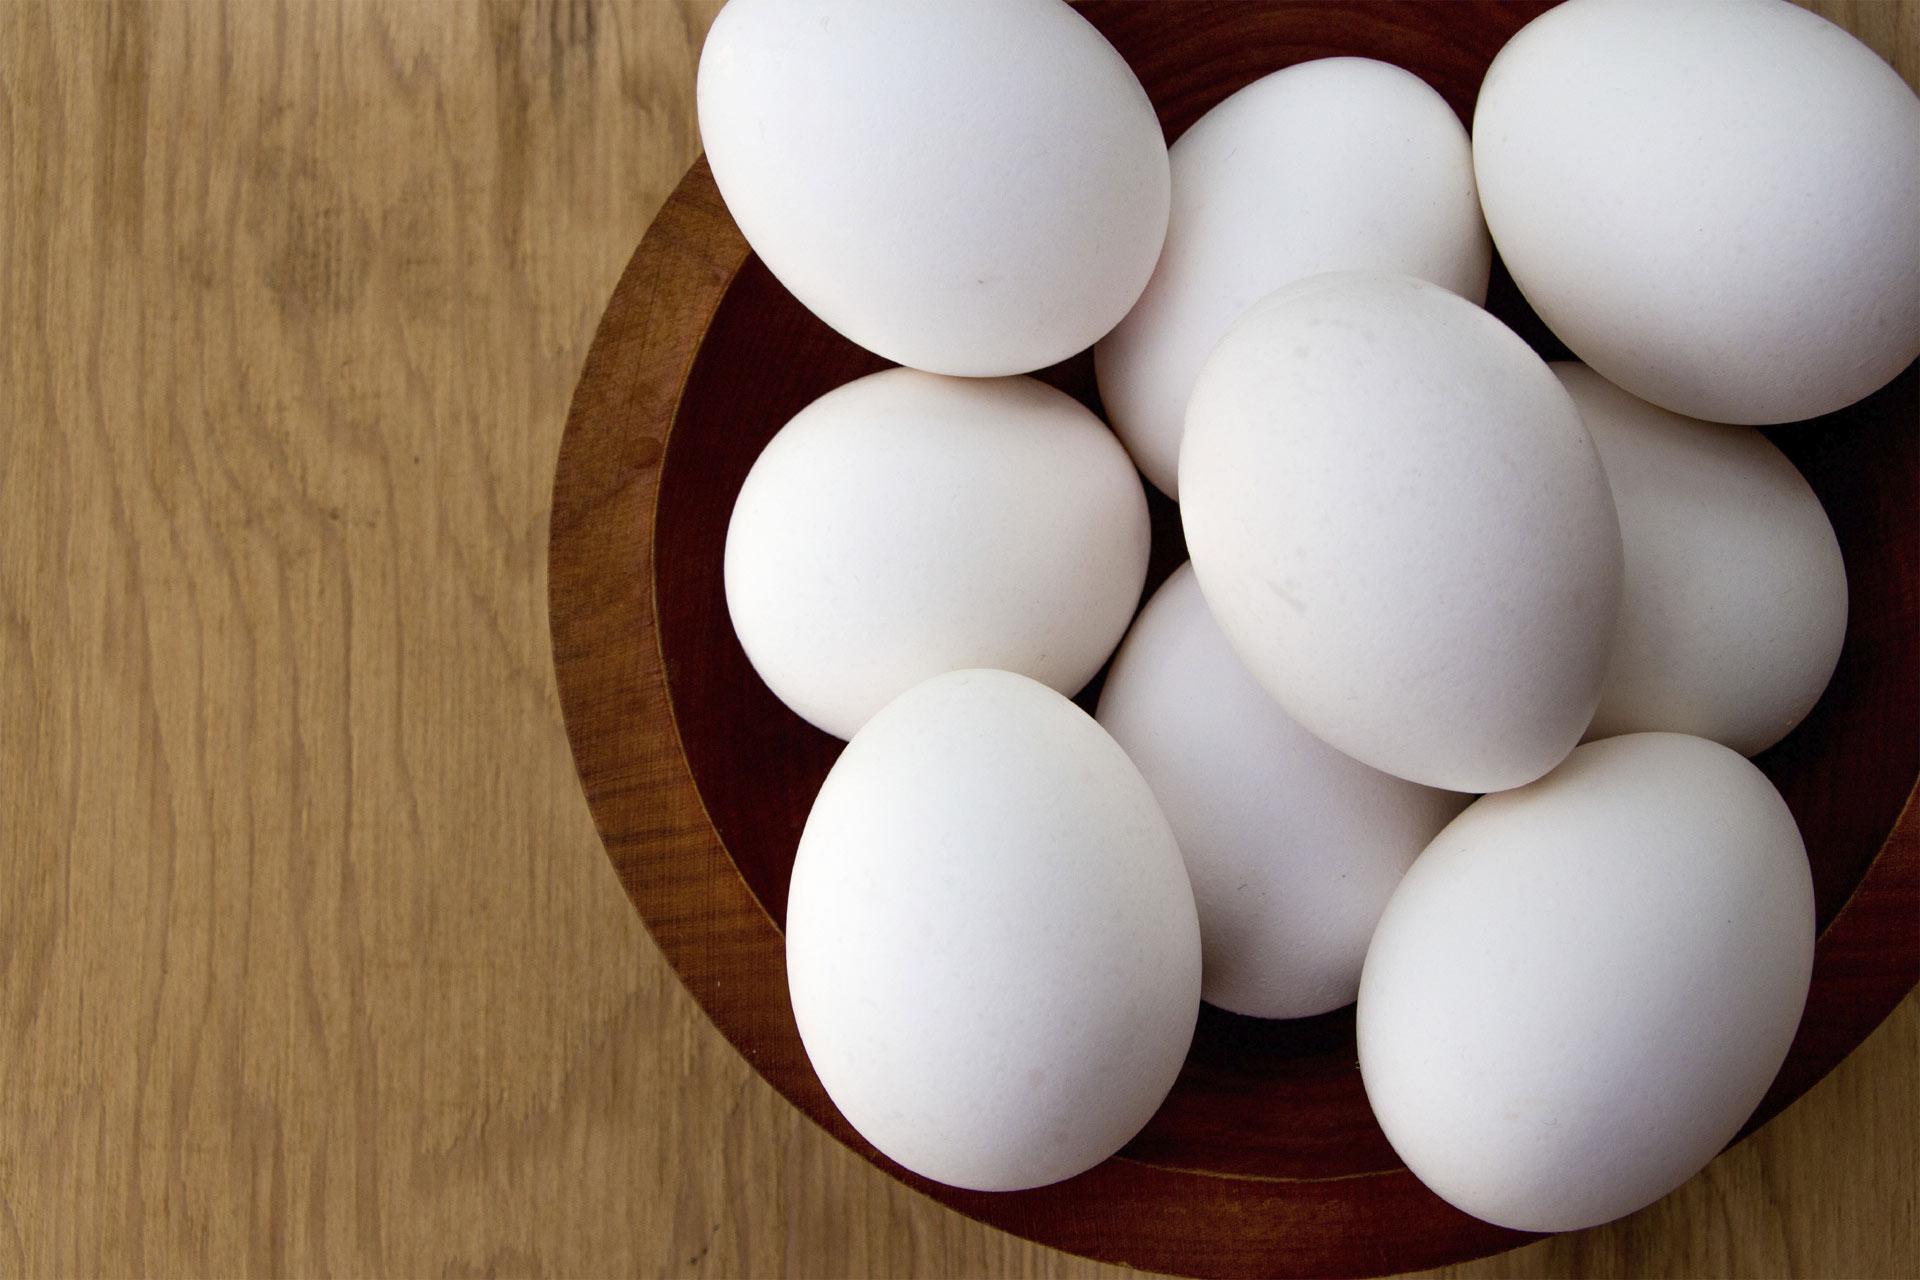 La empresa usará sólo huevos de gallinas criadas en libertad y en 10 años se prescindirá de gallinas criadas en jaulas